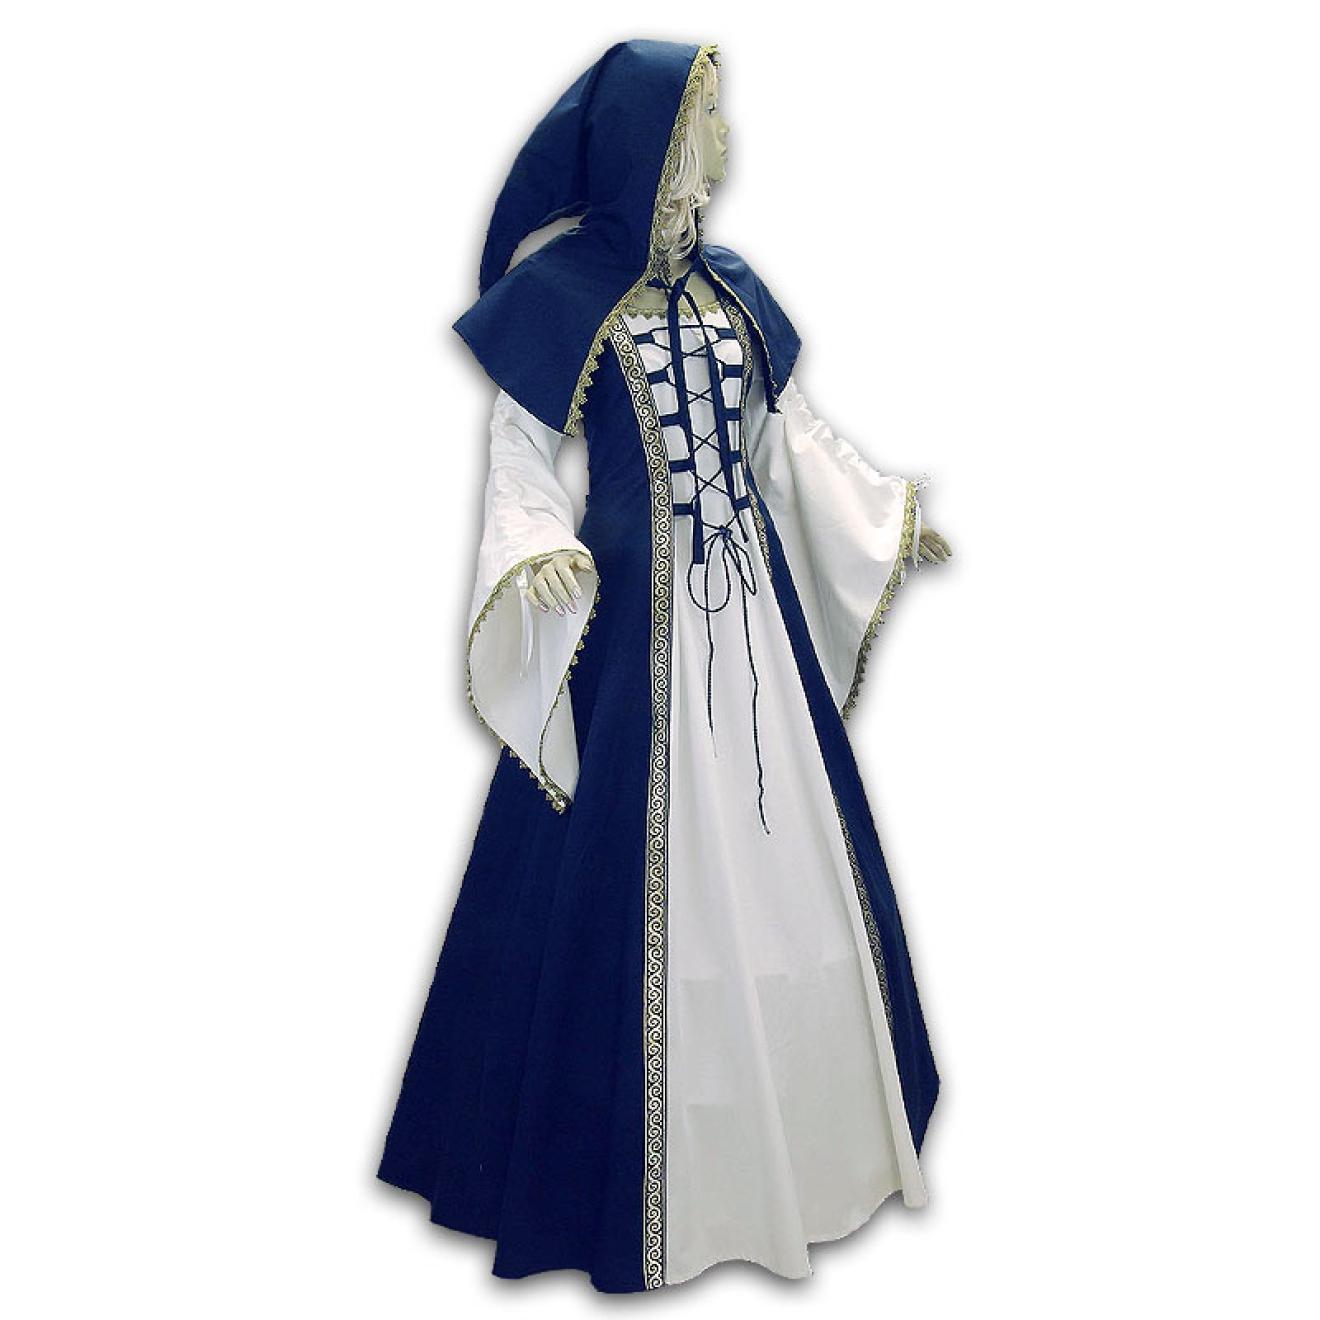 Mittelalter Hochzeitskleid maßangefertigt bis Übergröße mit Gugel ...